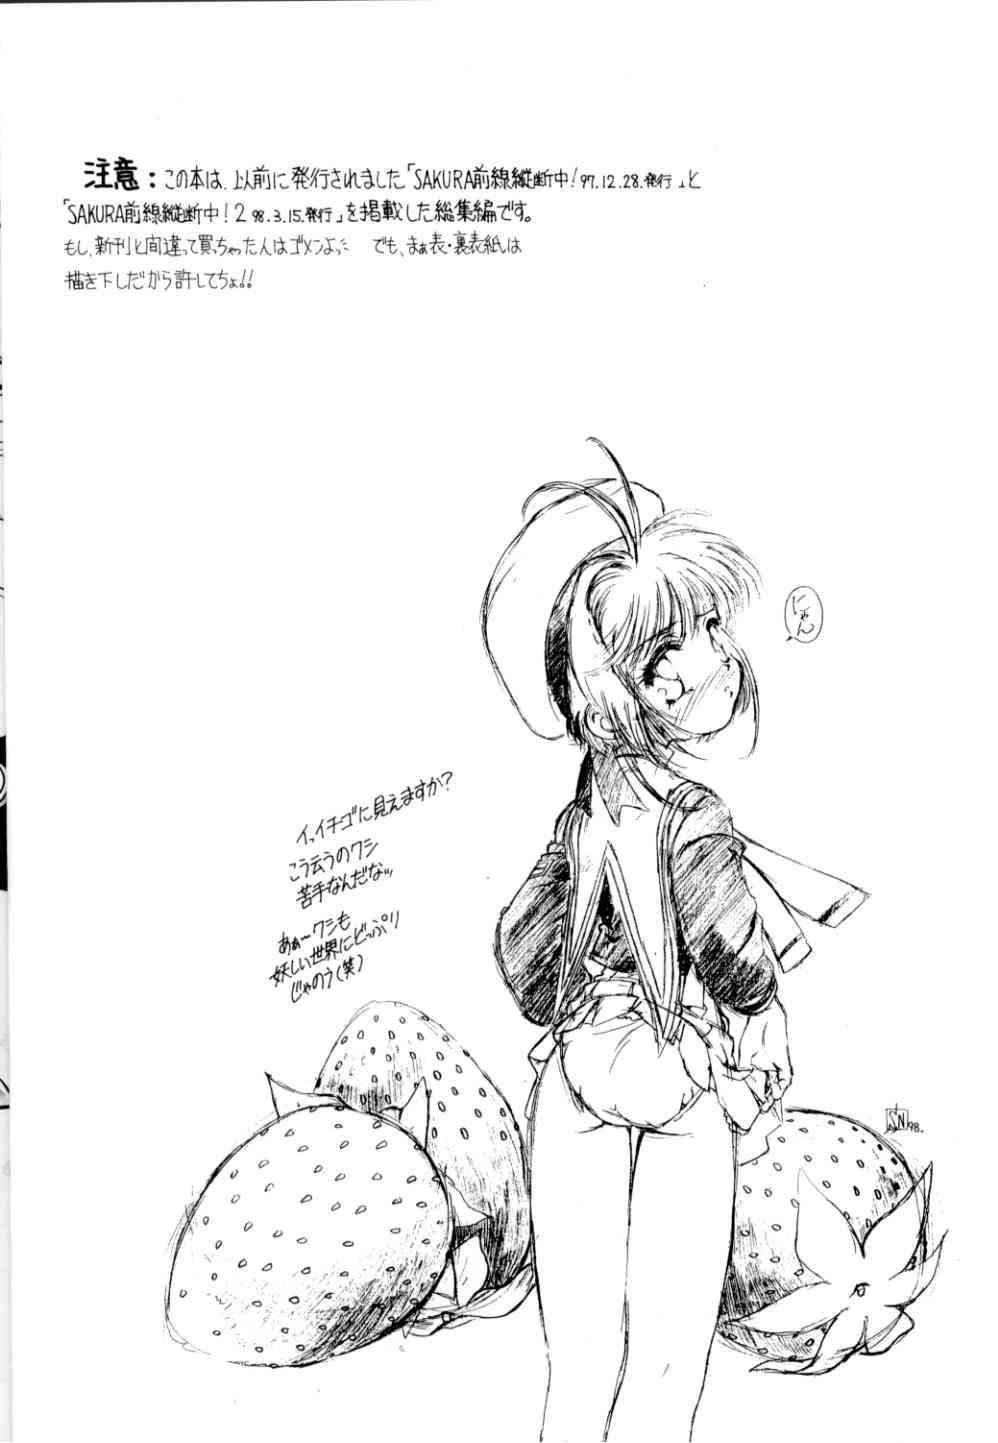 Sakura Zensen Juudan Naka! 1+2 Soushuu 1